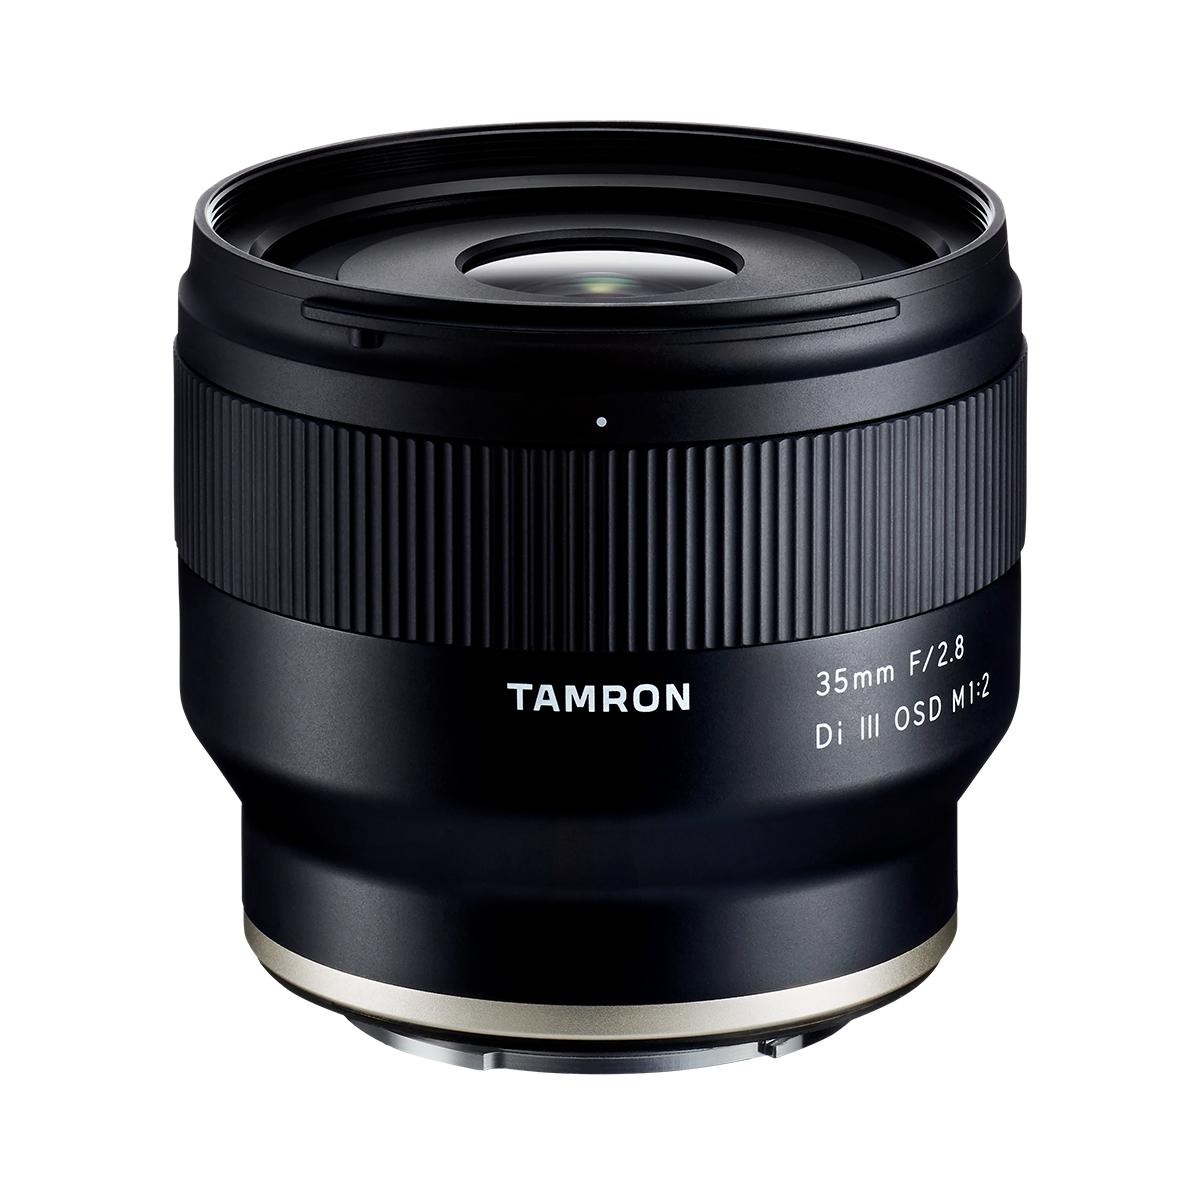 Tamron 35mm F/2.8 Di III OSD M1:2 per SONY